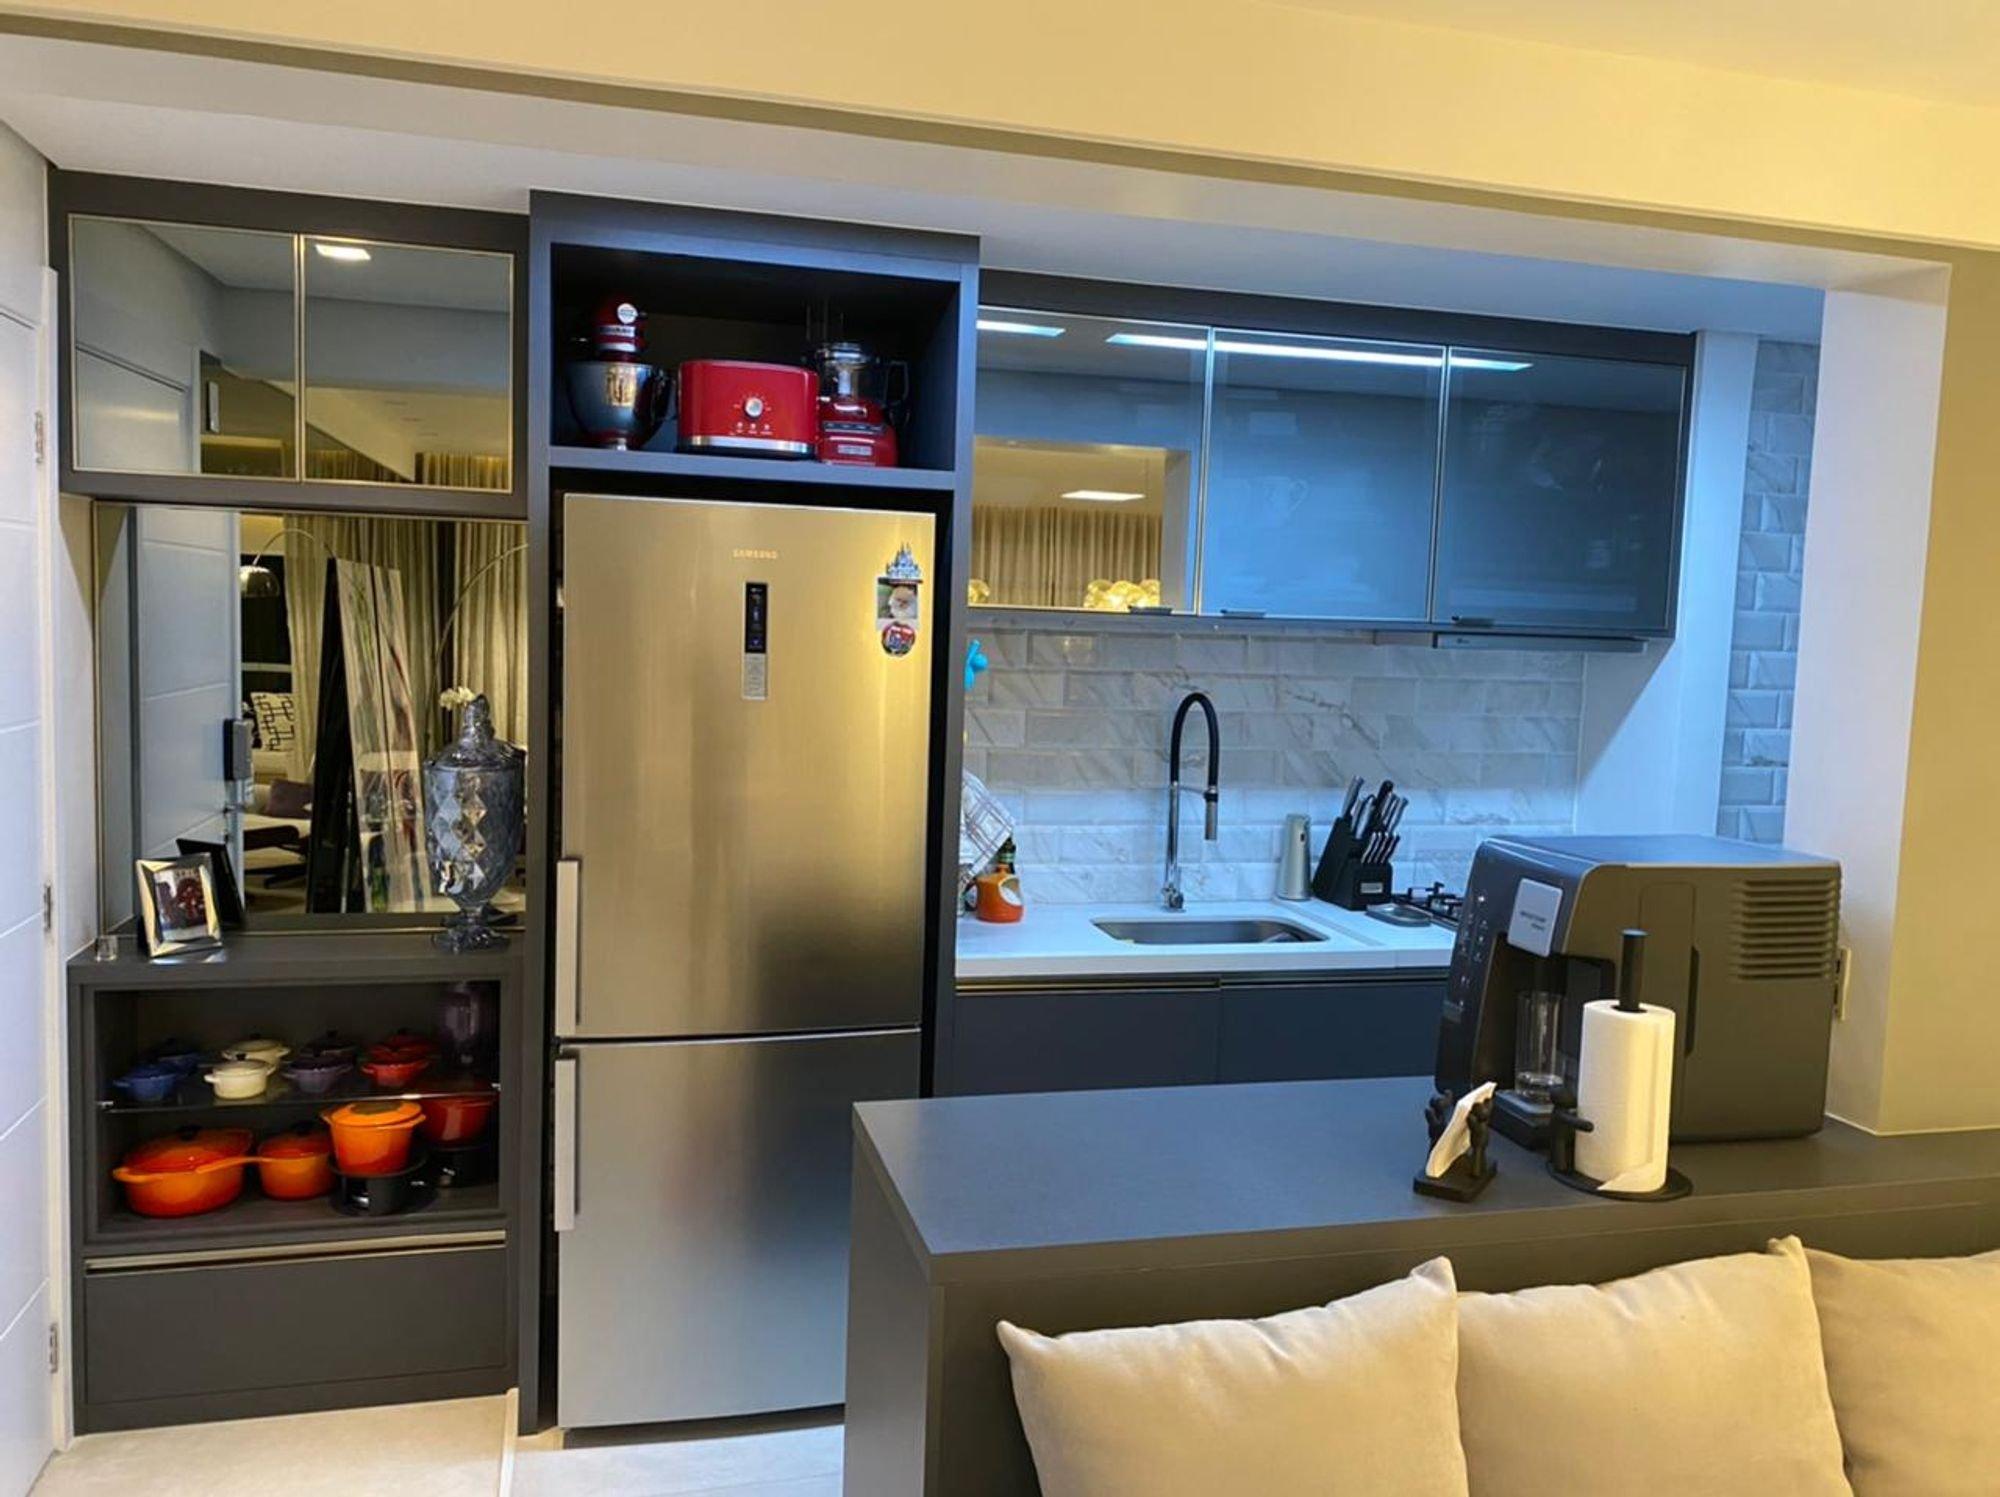 Foto de Cozinha com sofá, faca, tigela, geladeira, pia